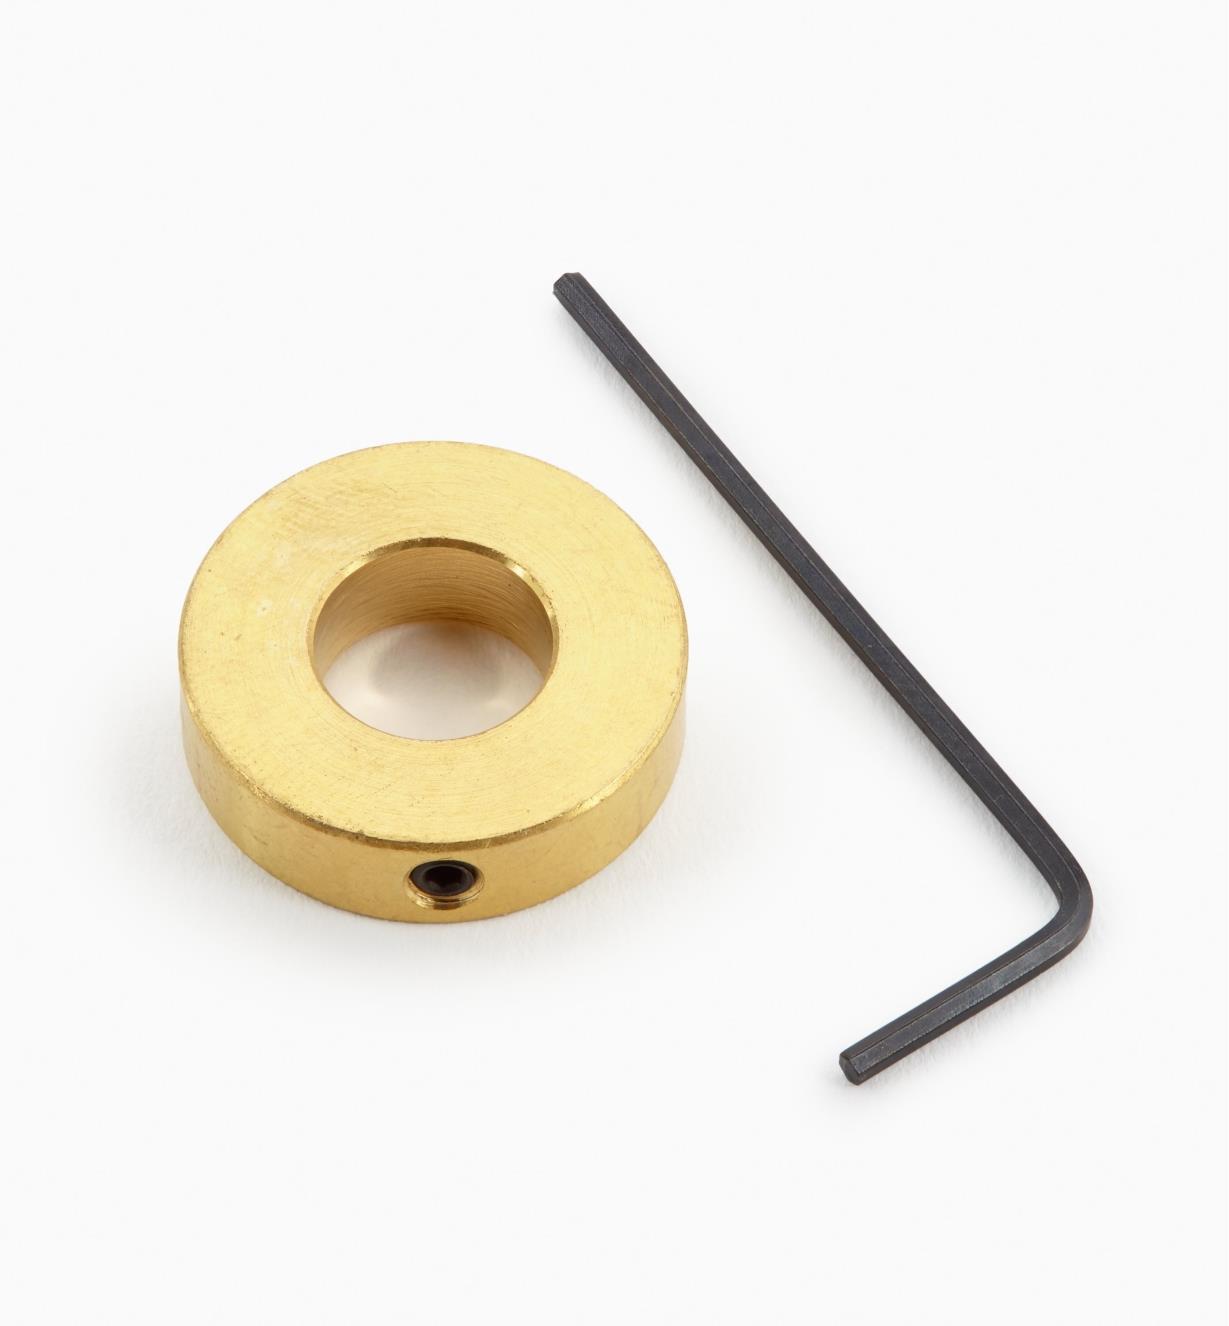 04J2801 - Rondelle d'incrustation et clé